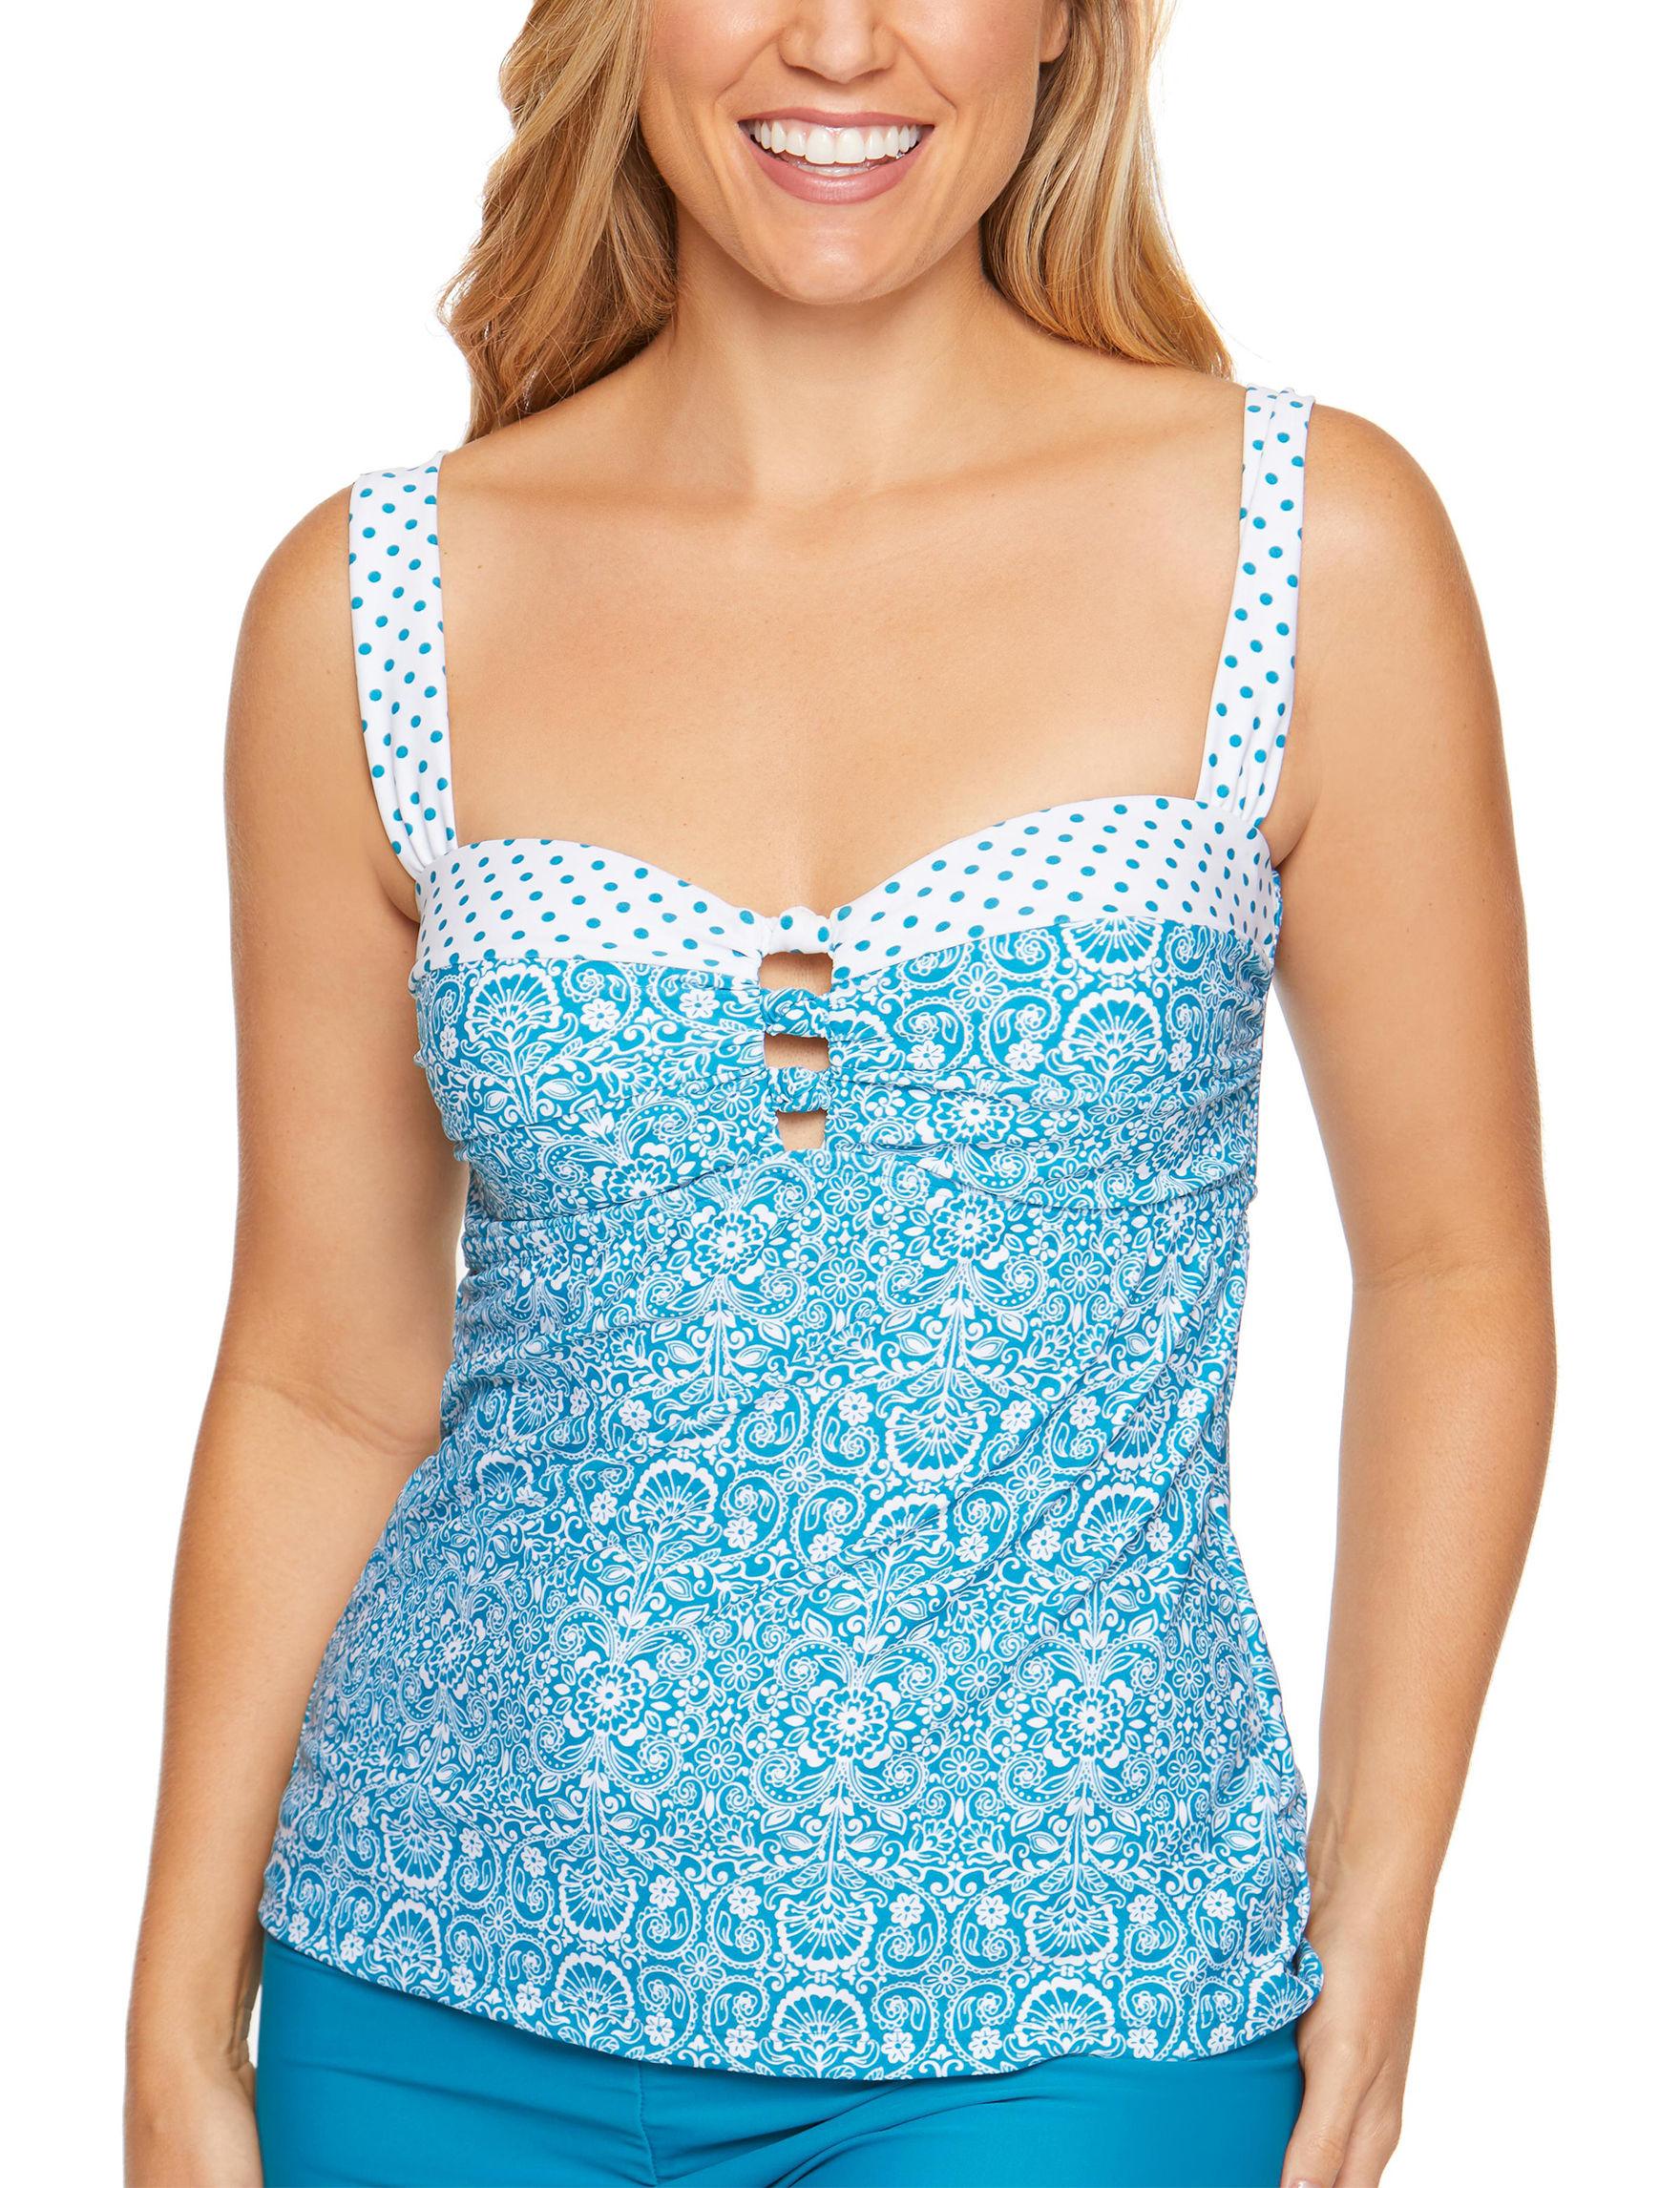 Aqua Couture Blue Swimsuit Tops Bandeau Tankini